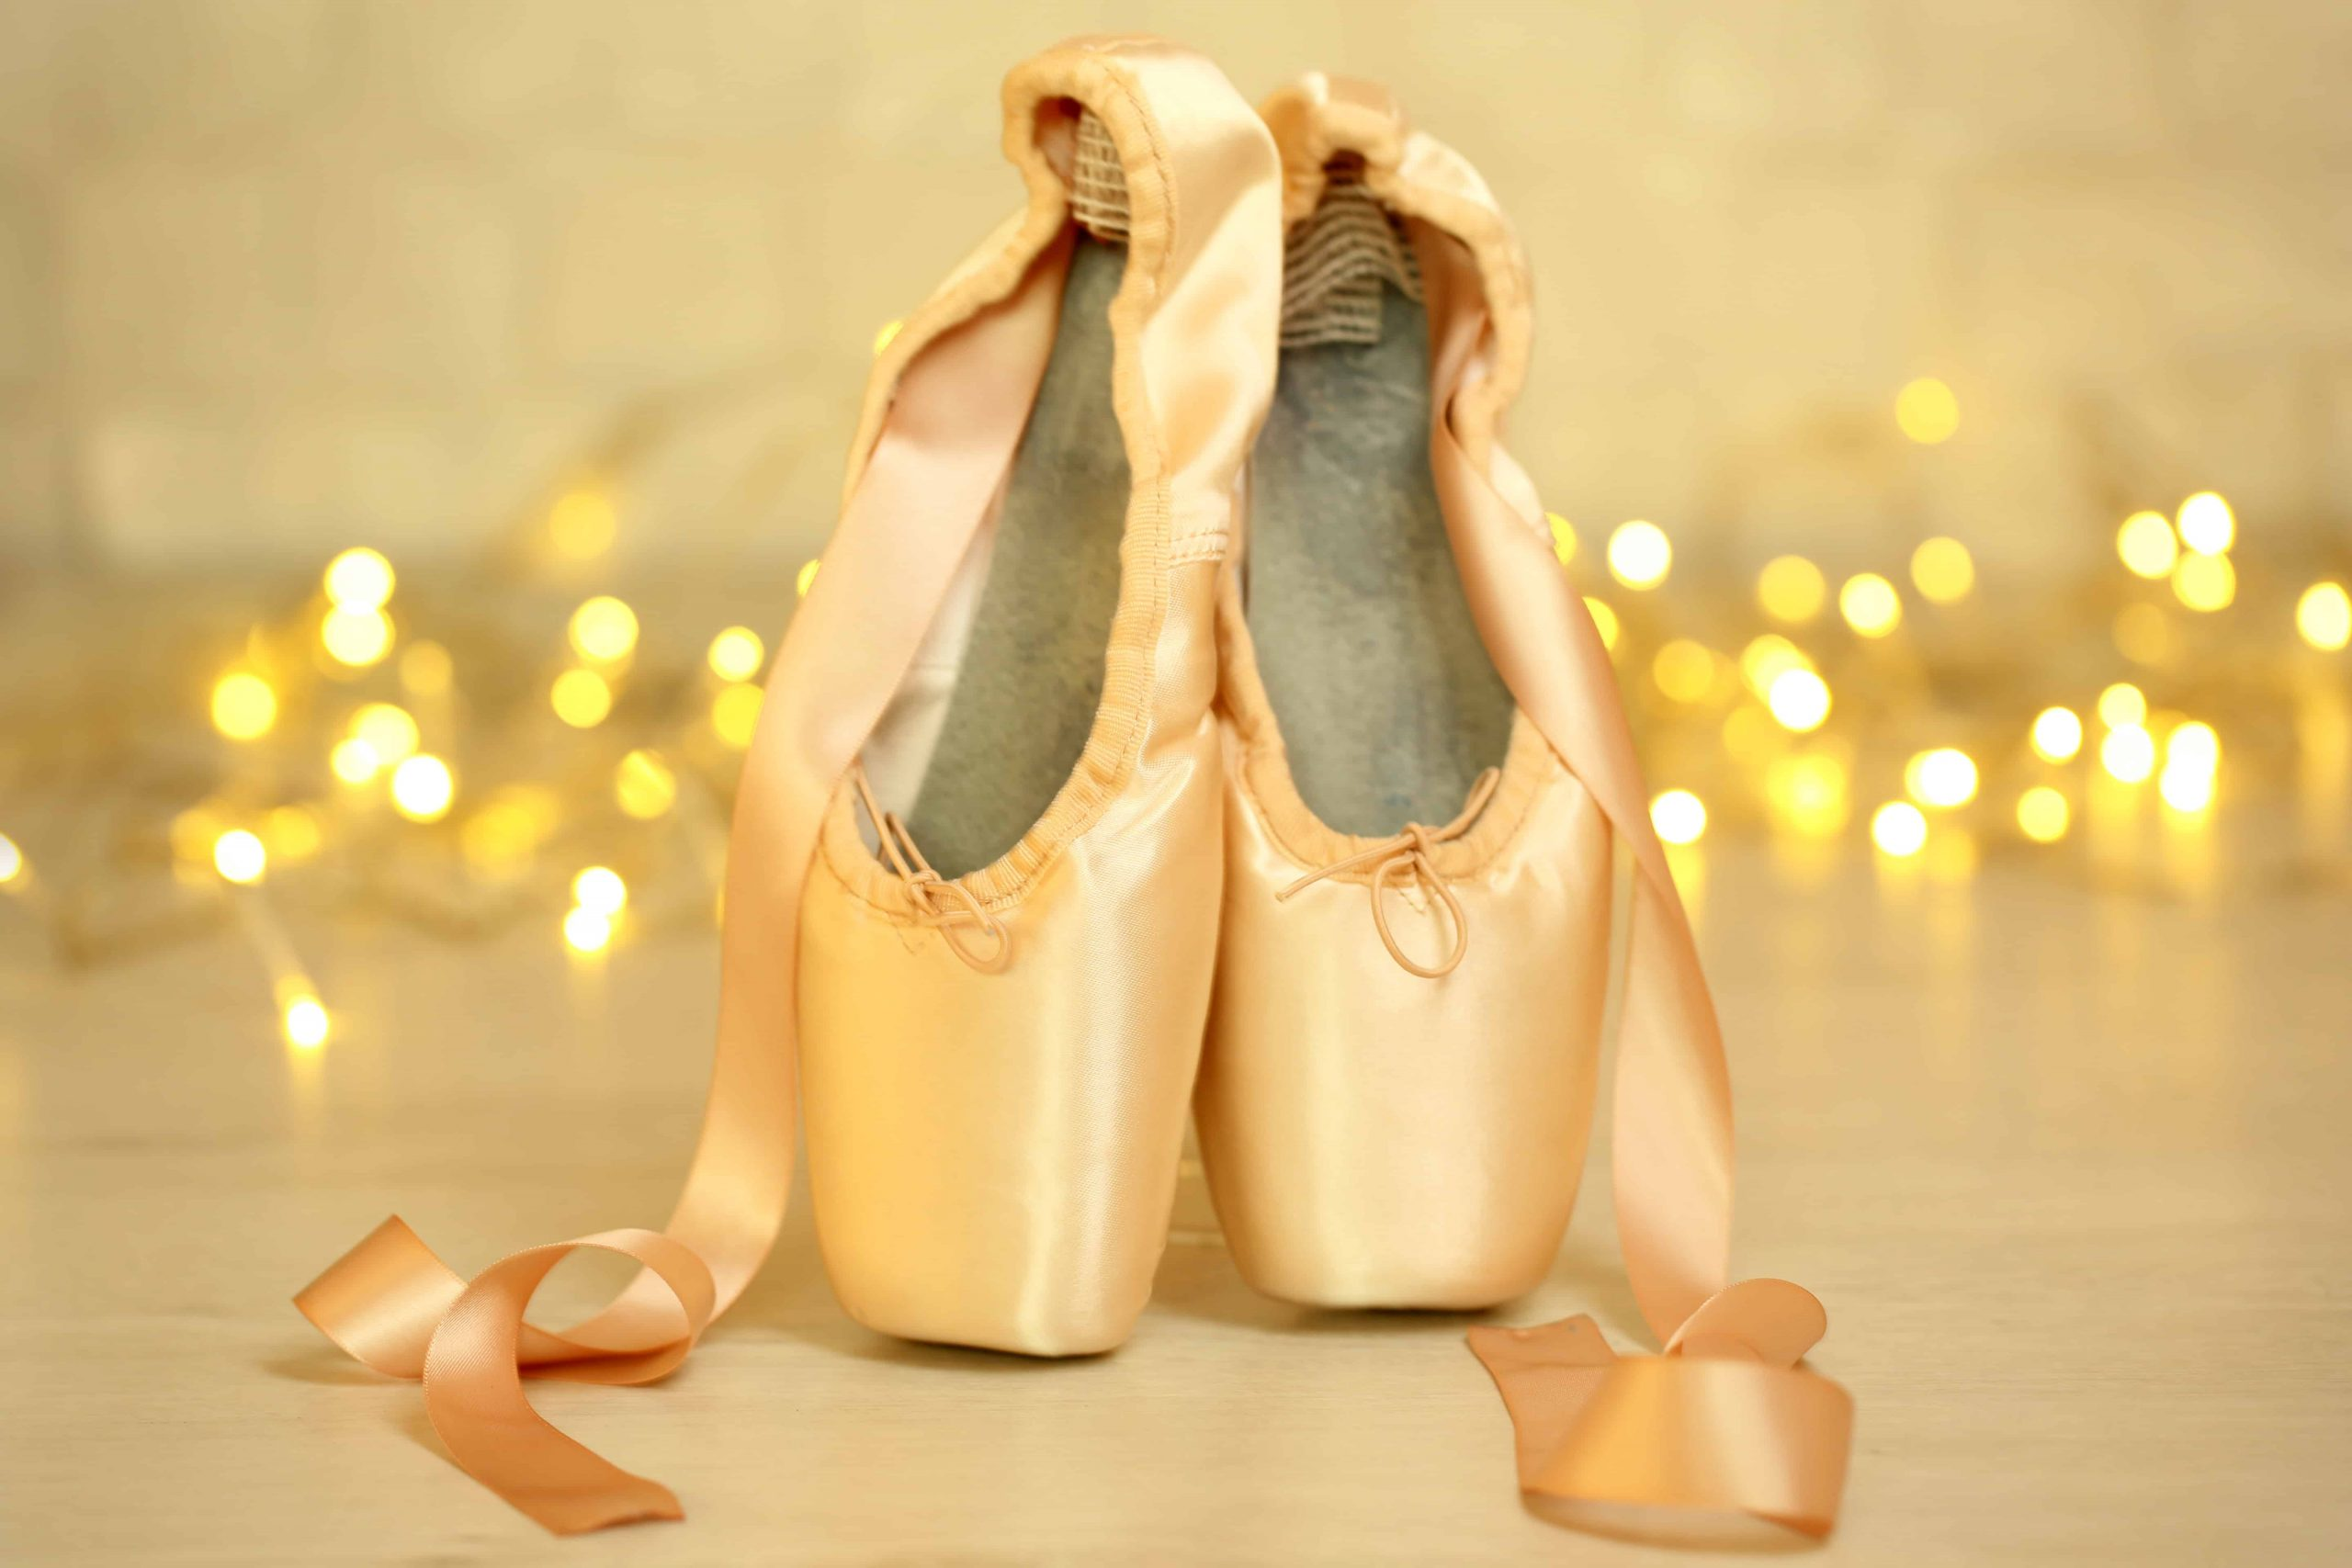 Zapatillas de ballet: ¿Cuáles son las mejores del 2021?